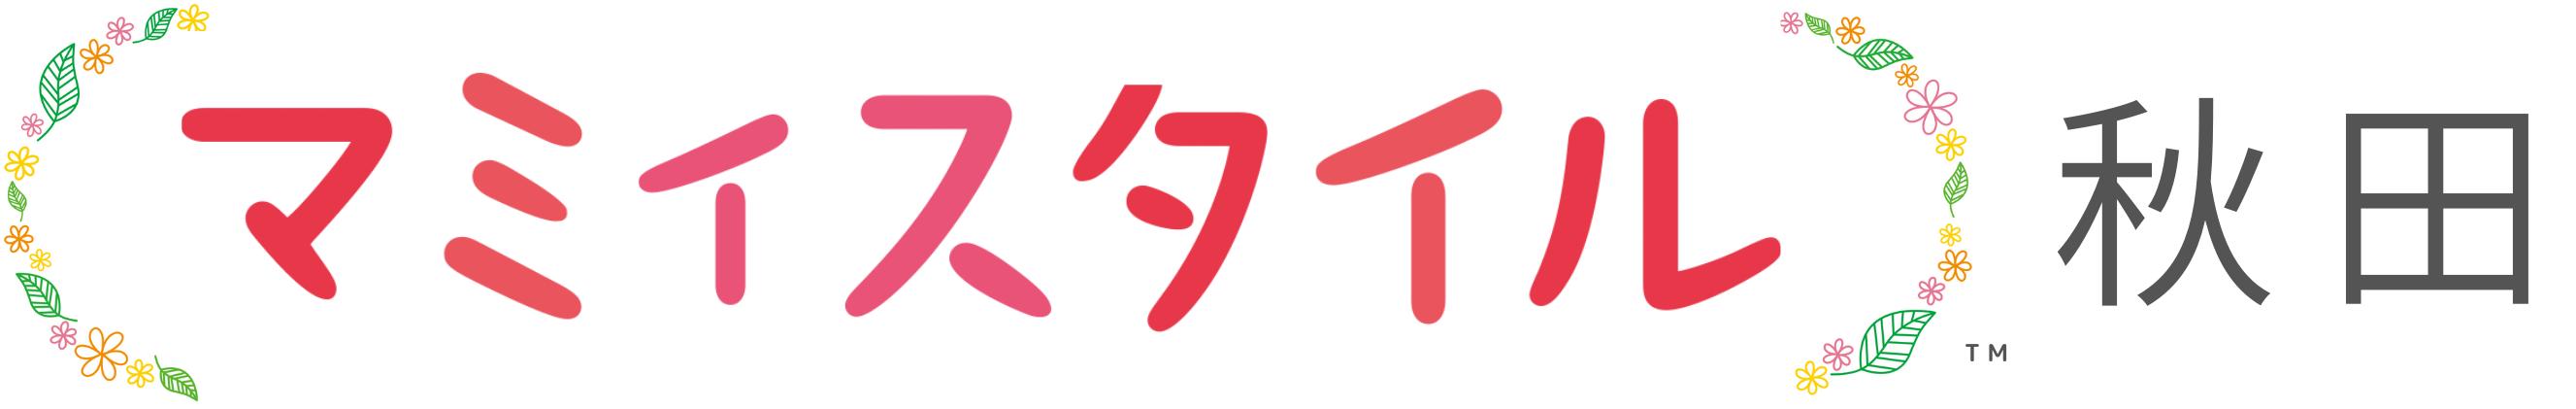 秋田発!東北ママの子育て、暮らし、キャリアをサポート│マミィスタイル秋田県版